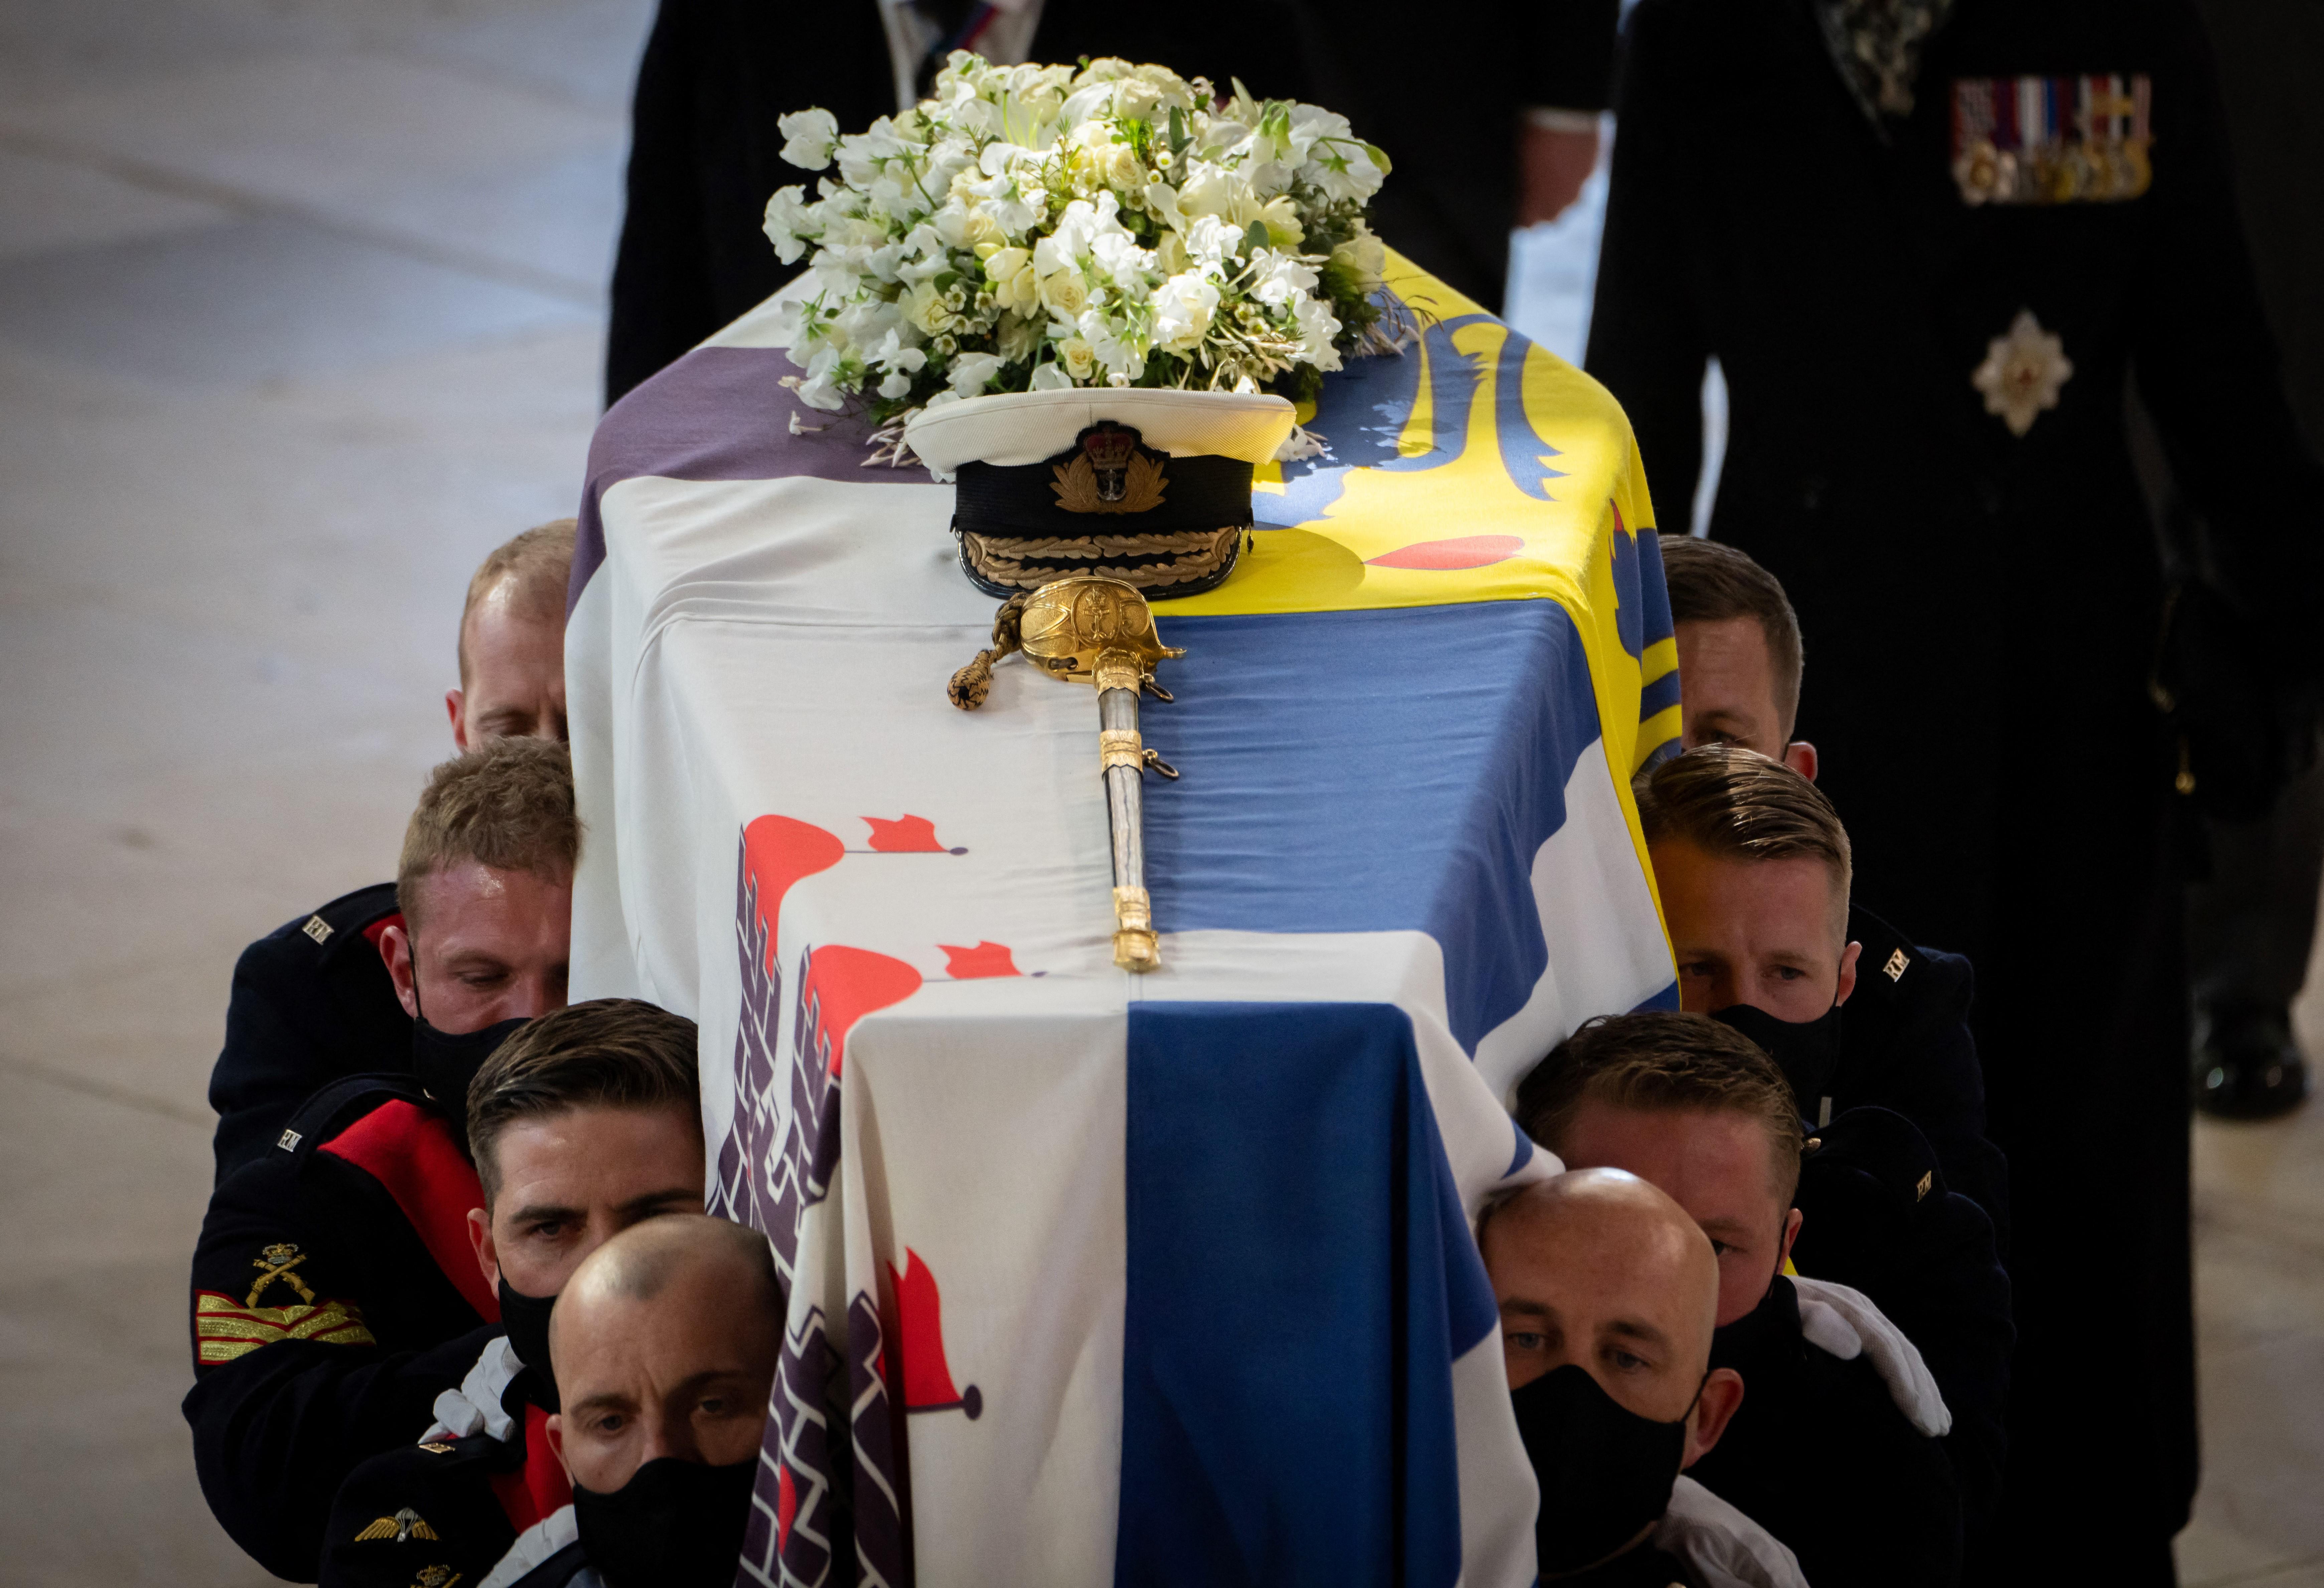 O caixão do Príncipe Philip foi enterrado na cripta real da Capela de São Jorge em Windsor (Danny Lawson / POOL / AFP)